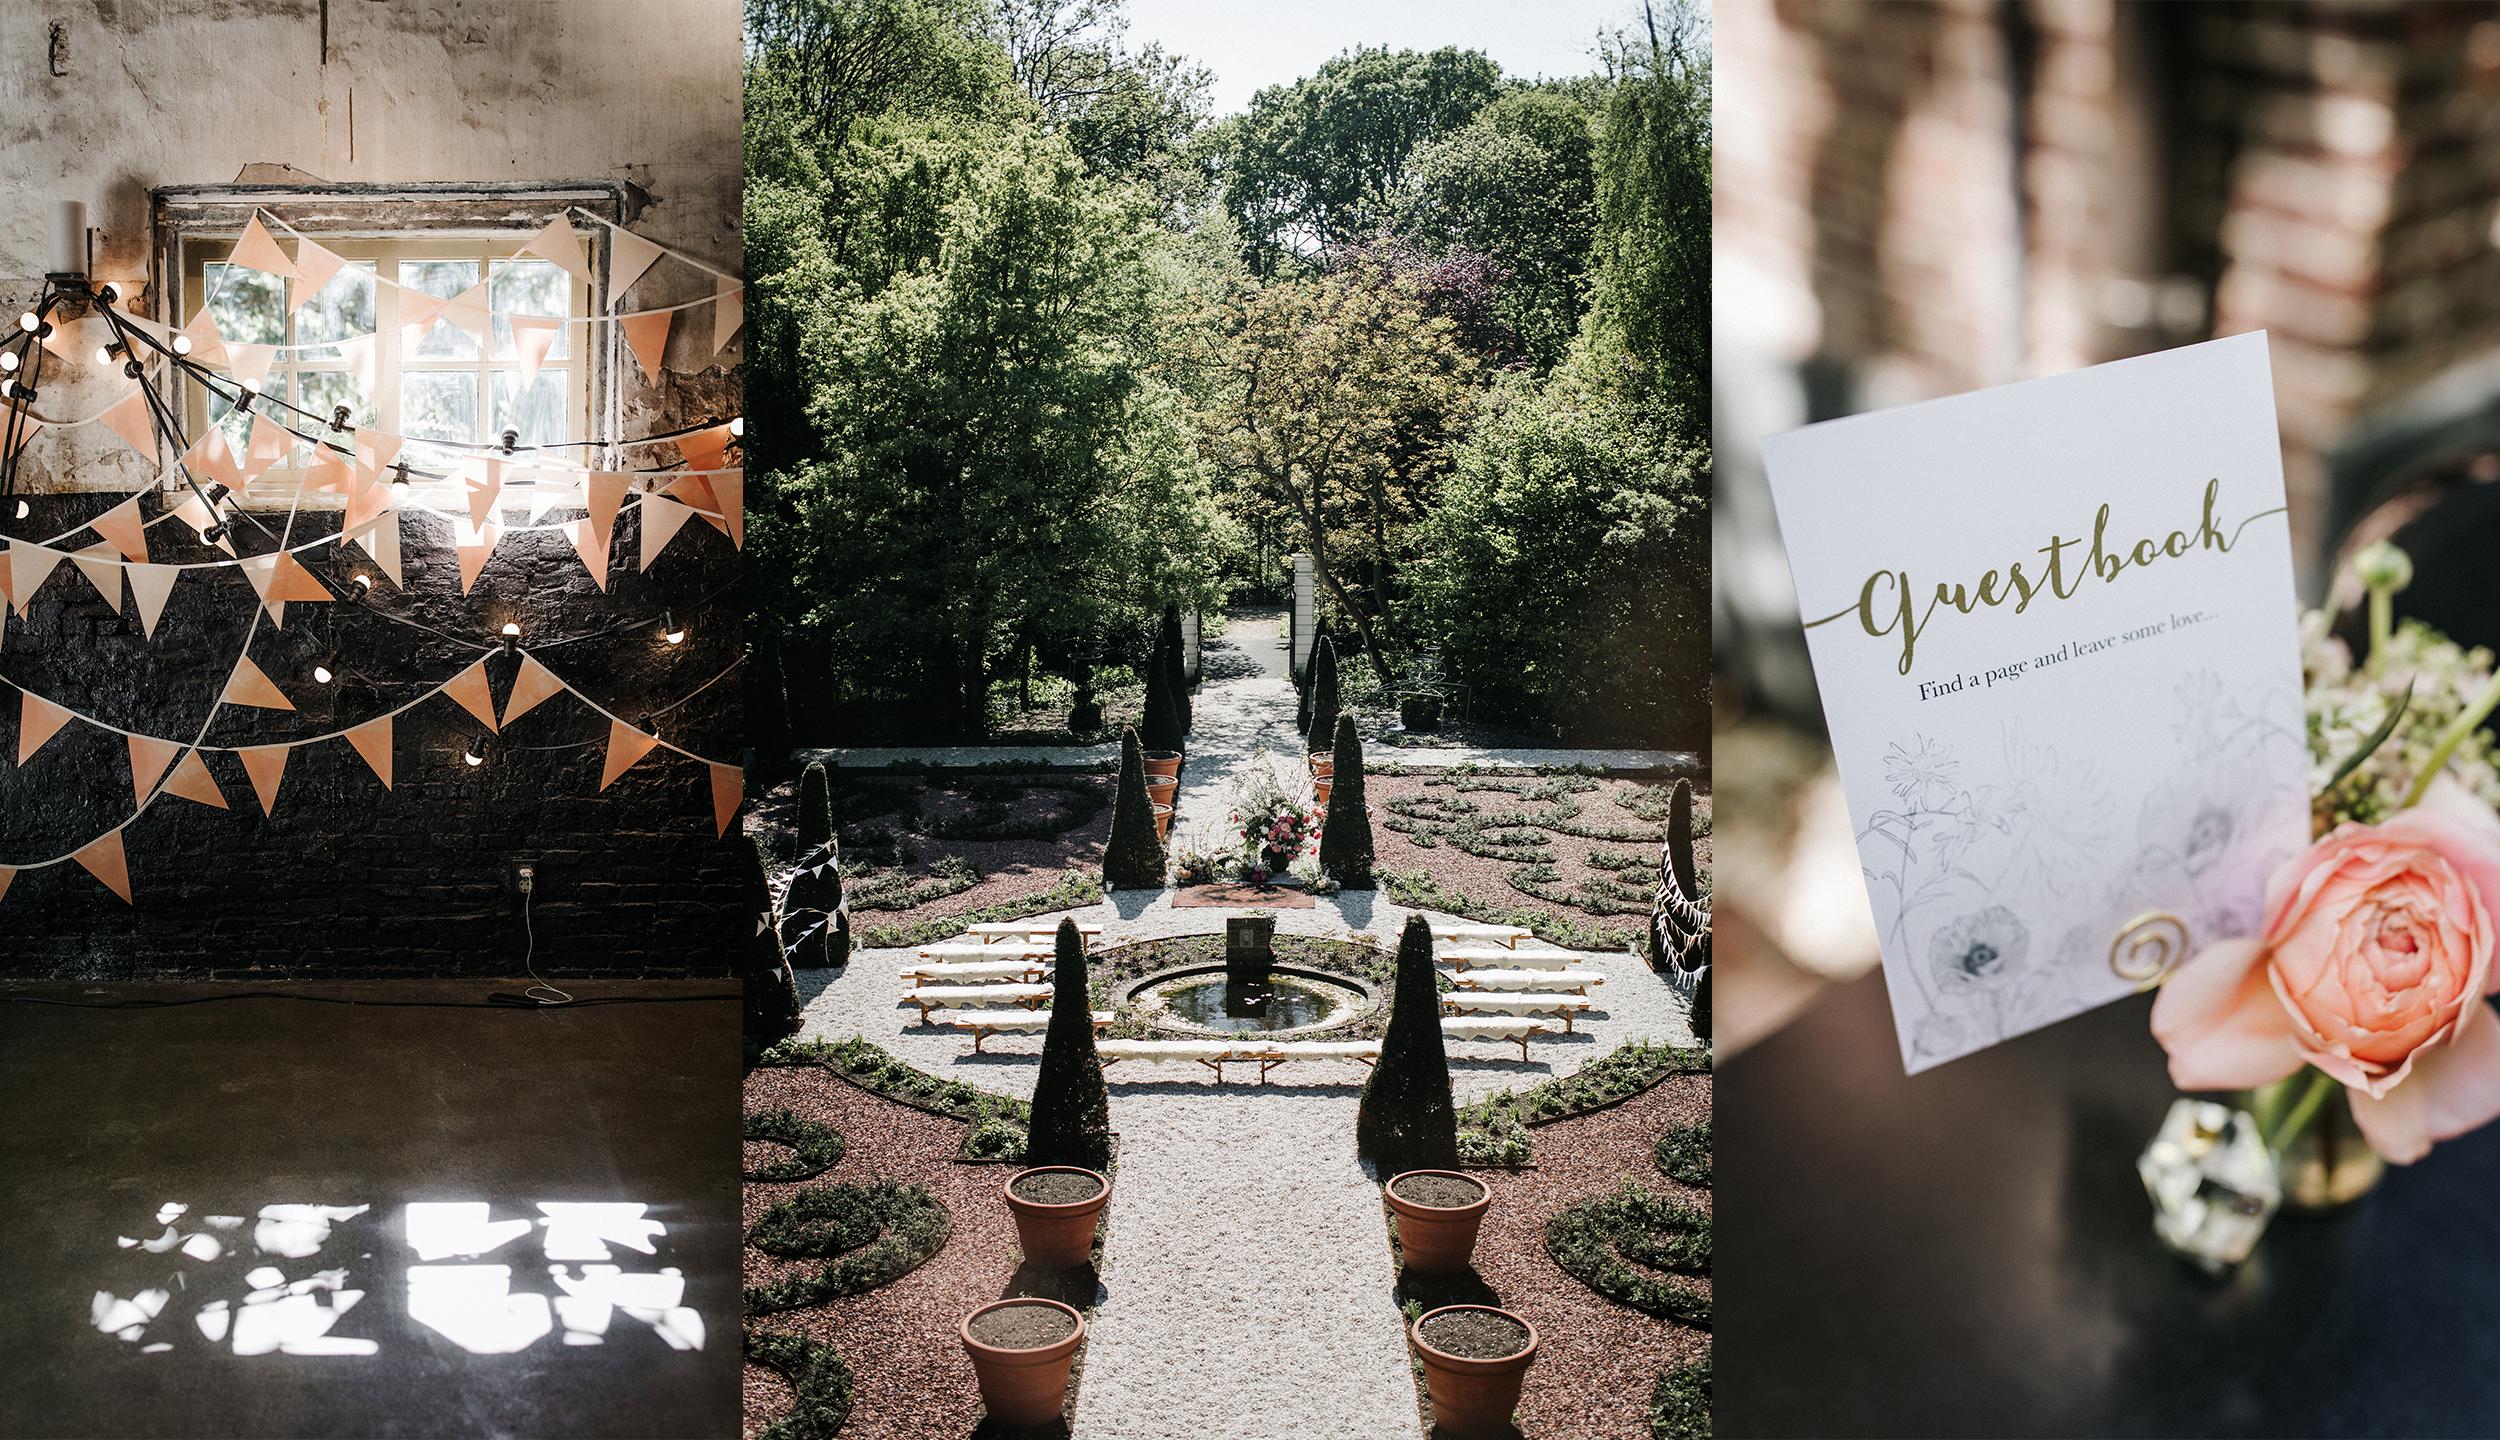 #apbloem #florist #kerkstraat #amsterdam #flowers #bloemen #bloemist #flowers #bouquet #boeket #arrangement #photoshoot #peony #bruiloft #trouwen #bloemenbezorgen #wedding #love #liefde #event #evenement #garden #tuin #bridalgown #blackandwhite #bruidsjurk #justmarried #bridalcouple #weddingflowers #weddingphotography #weddinginspiration #pastel #bunting